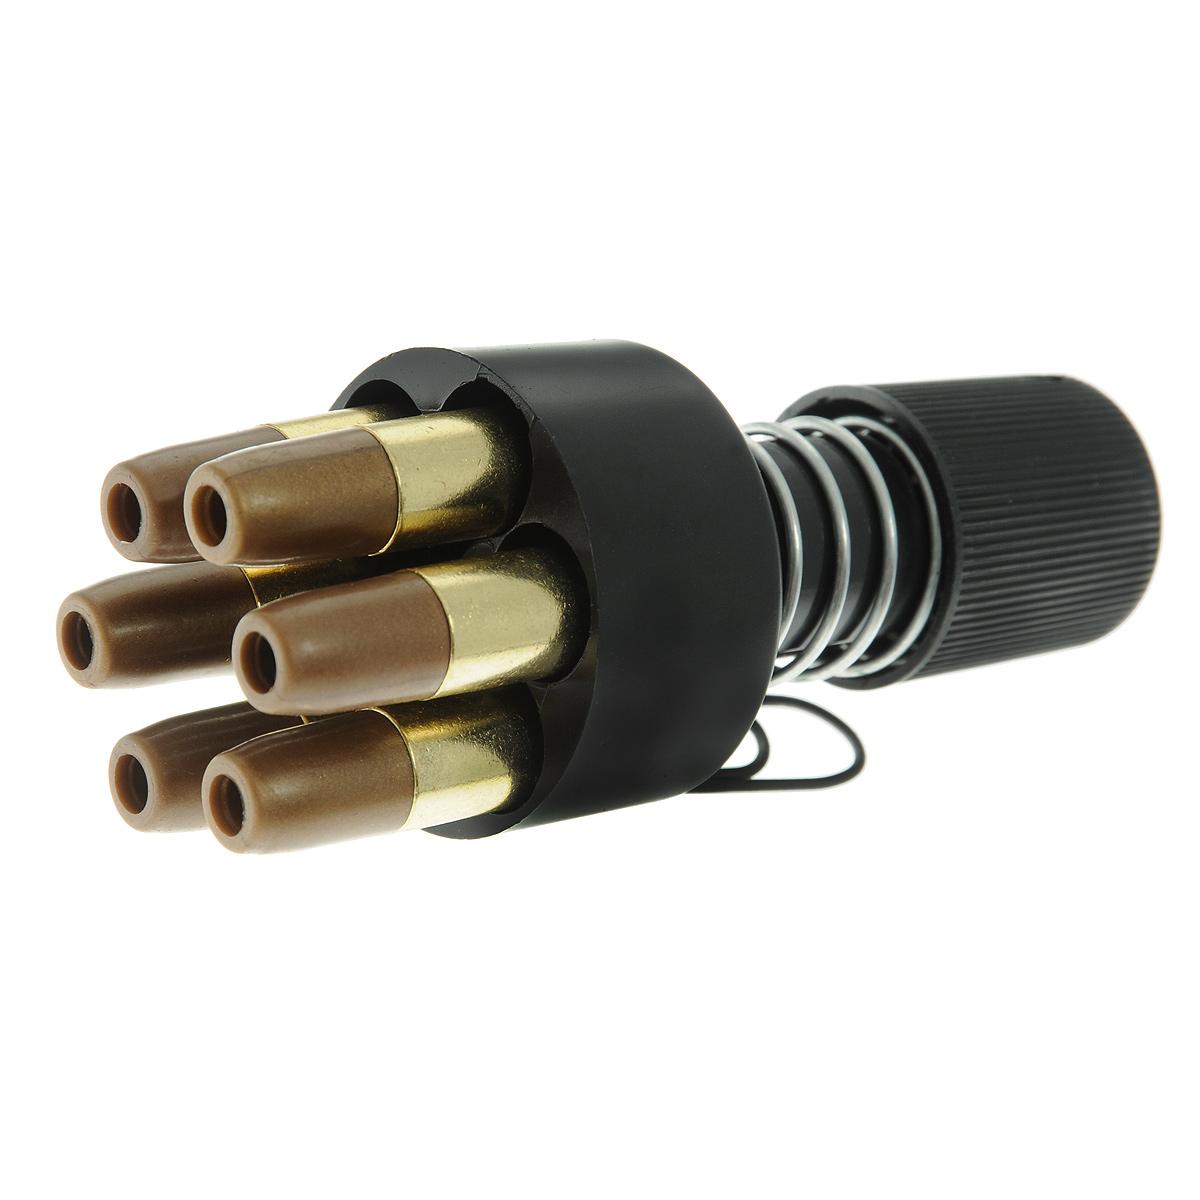 ASG Dan Wesson 4,5мм ускоритель заряжания (16187)16187Ускоритель заряжания в комплекте с шестью фальш-патронами для пневматических револьверов ASG Dan Wesson калибра 4,5 мм. Уважаемые покупатели, обращаем Ваше внимание, что авиадоставка в нижеперечисленные города этого товара временно недоступна! 1. Ангарск 2. Благовещенск 3. Бодайбо 4. Братск 5. Владивосток 6. Воркута 7. Иркутск 8. Калининград 9. Надым 10. Нарьян-Мар 11. Находка 12. Норильск 13. Петропавловск-Камчатский 14. Салехард 15. Улан-Удэ 16. Уссурийск 17. Ухта 18. Хабаровск 19. Чита 20. Энергетик 21. Южно-Сахалинск 22. Якутск Возврат товара возможен только при наличии заключения сервисного центра. Время работы сервисного центра: Пн-чт: 10.00-18.00 Пт: 10.00- 17.00 Сб, Вс: выходные дни Адрес: ООО ГАТО, 121471, г.Москва, ул. Петра Алексеева, д 12., тел. (495)232-4670, gato@gato.ru